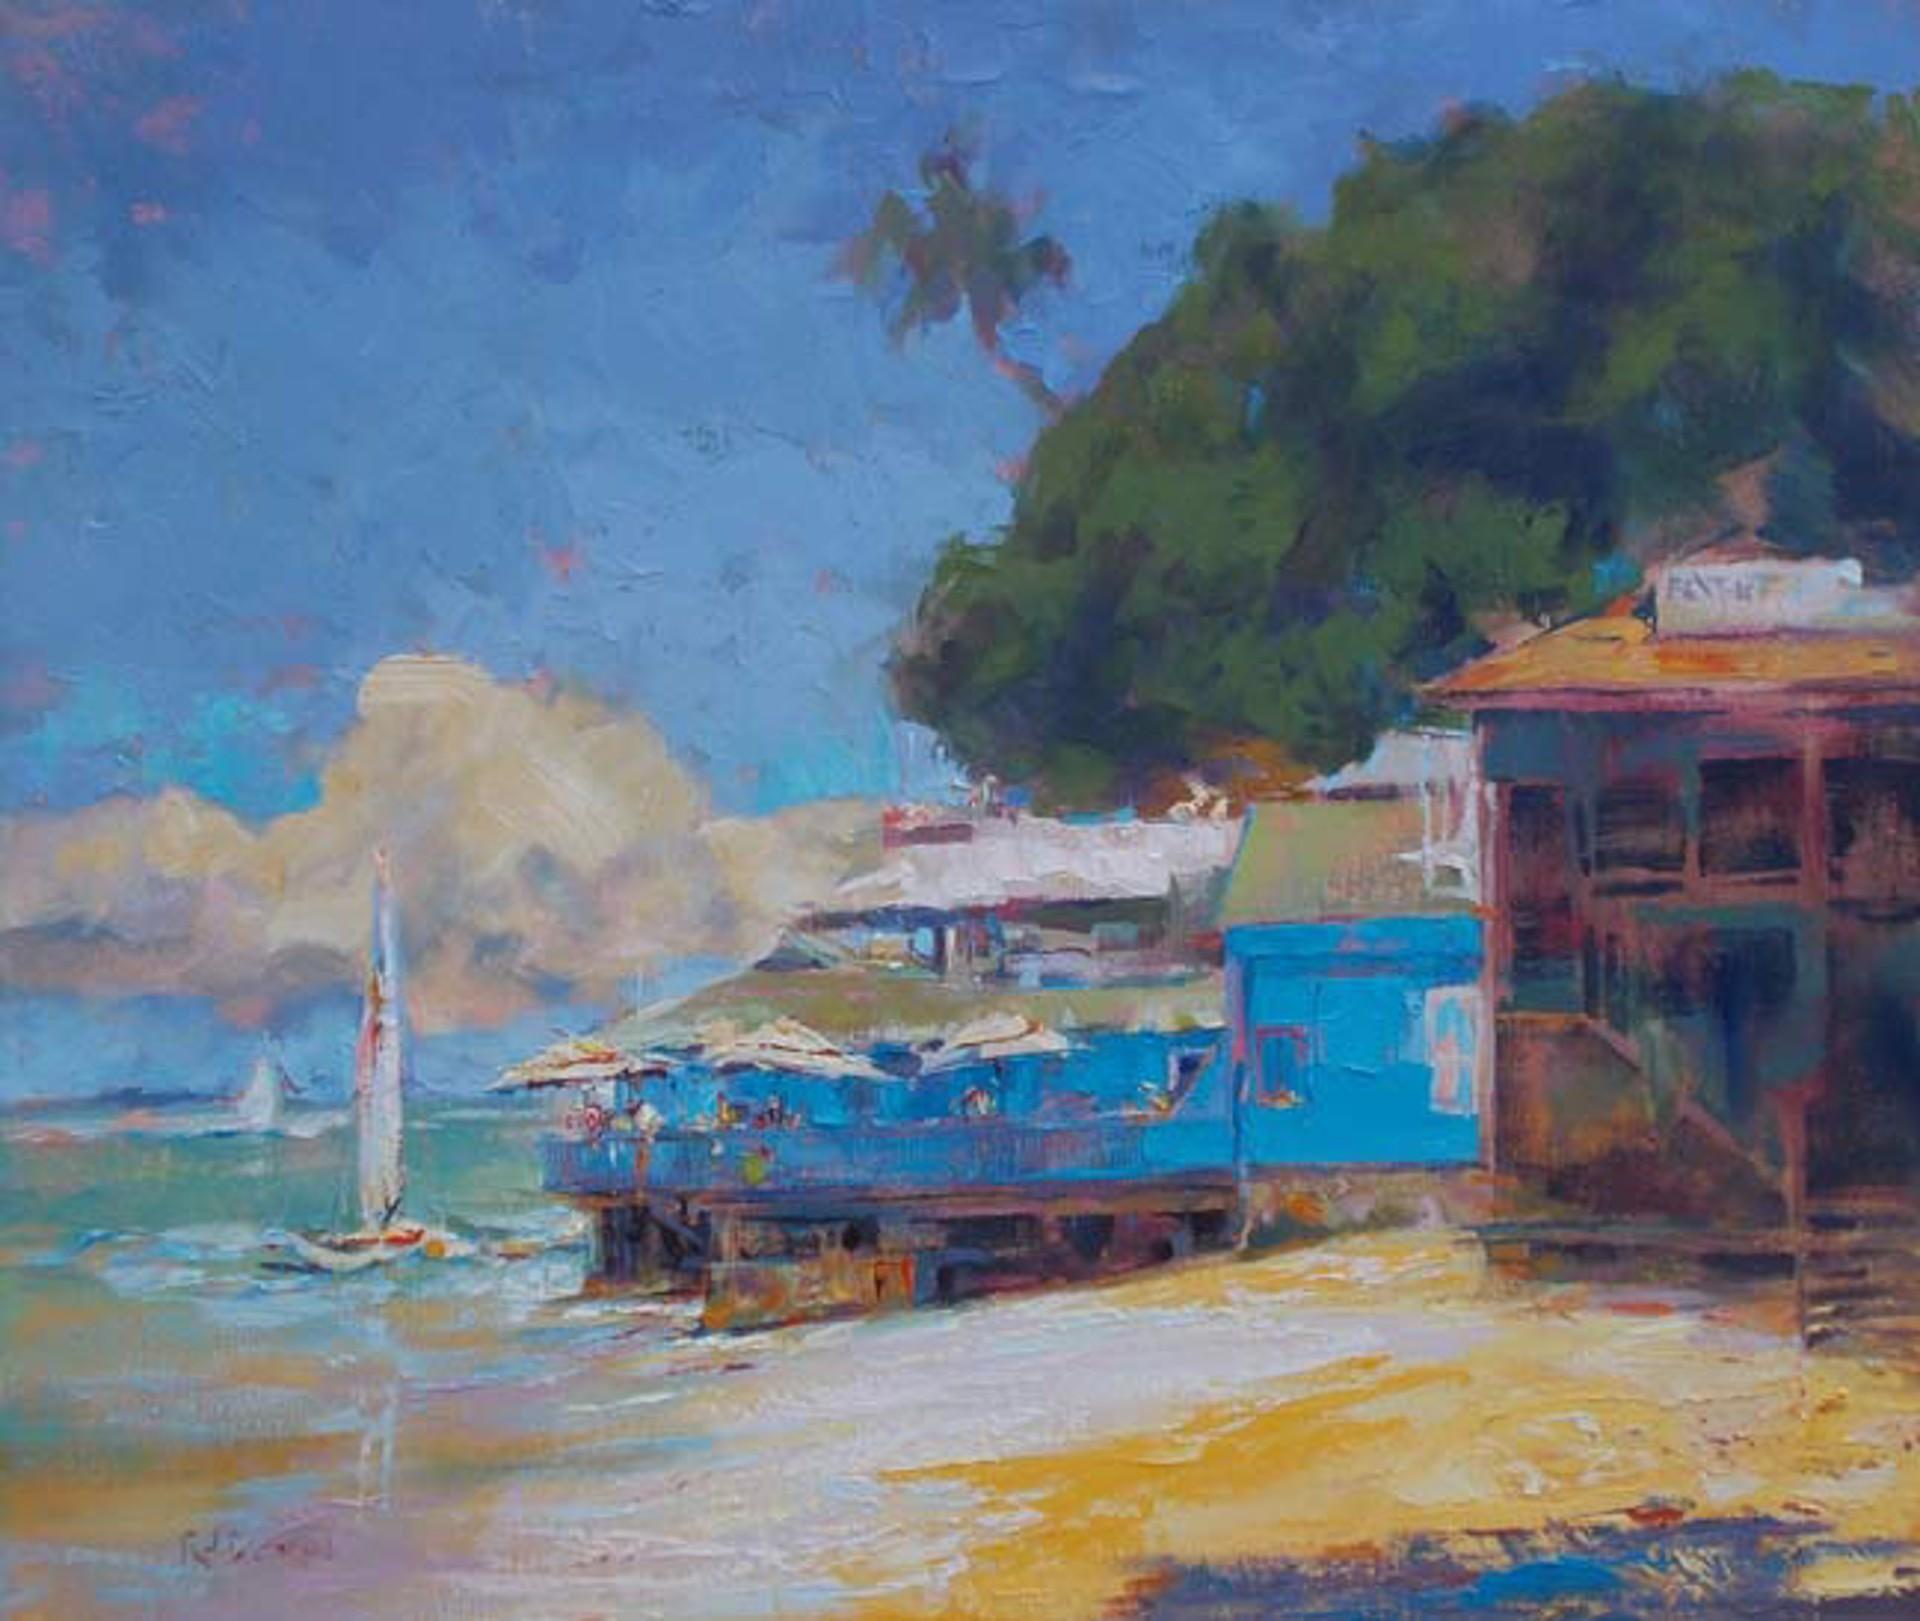 Maui Blues by Rod Cameron